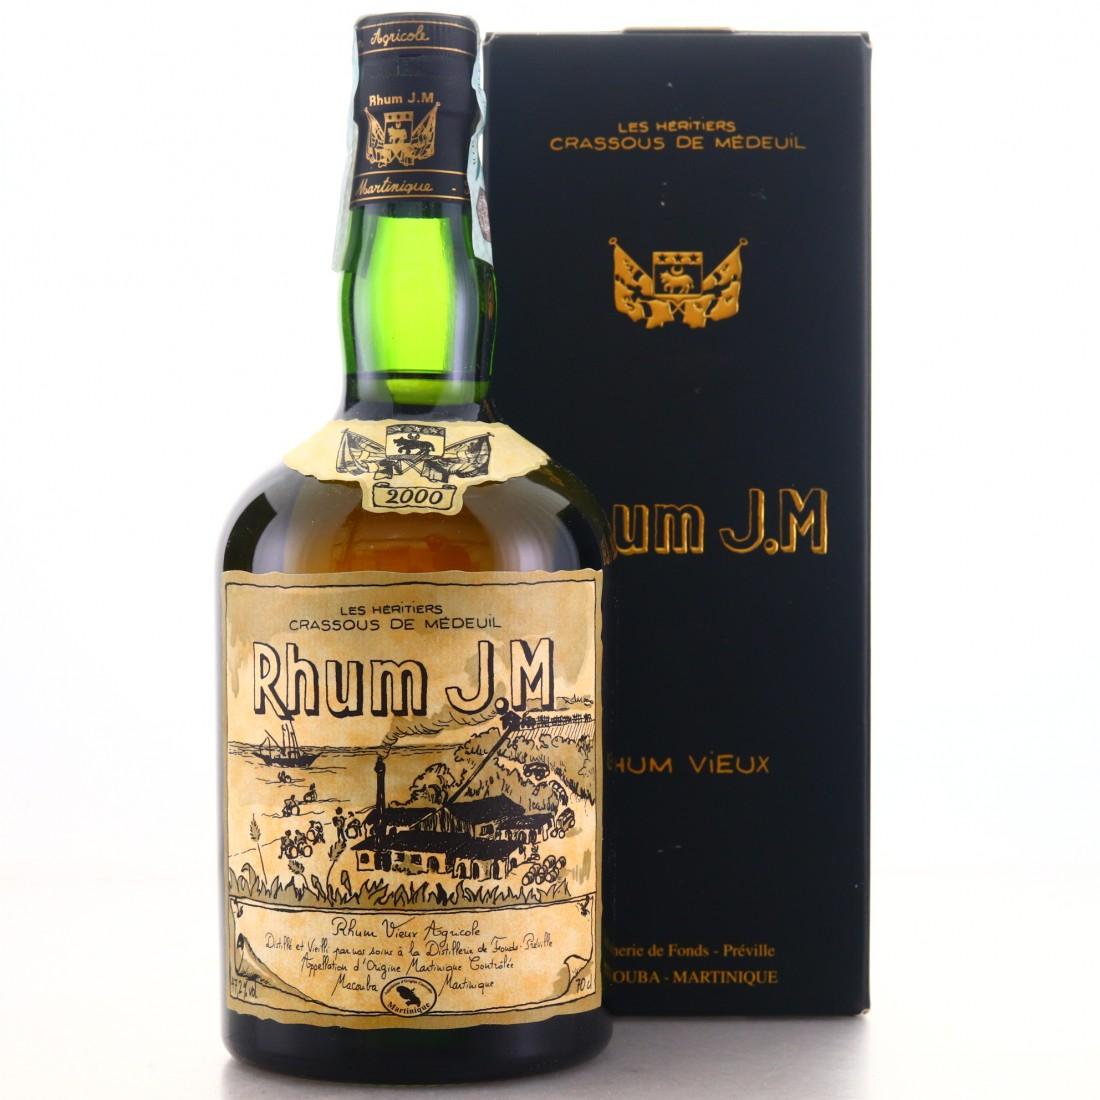 Rhum J.M 2000 Rhum Vieux 10 Year Old